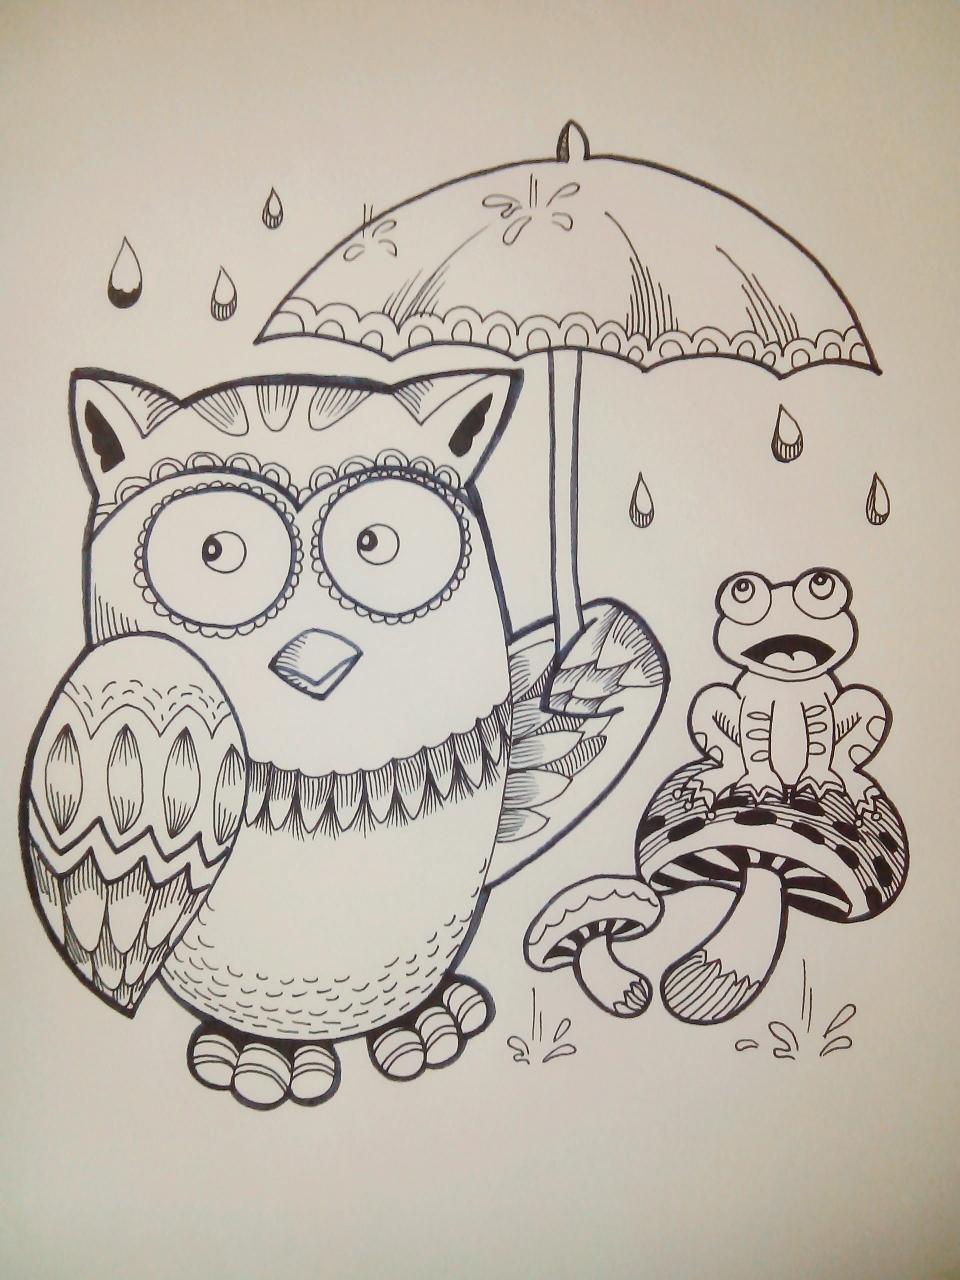 雨天,猫头鹰为一只青蛙撑伞